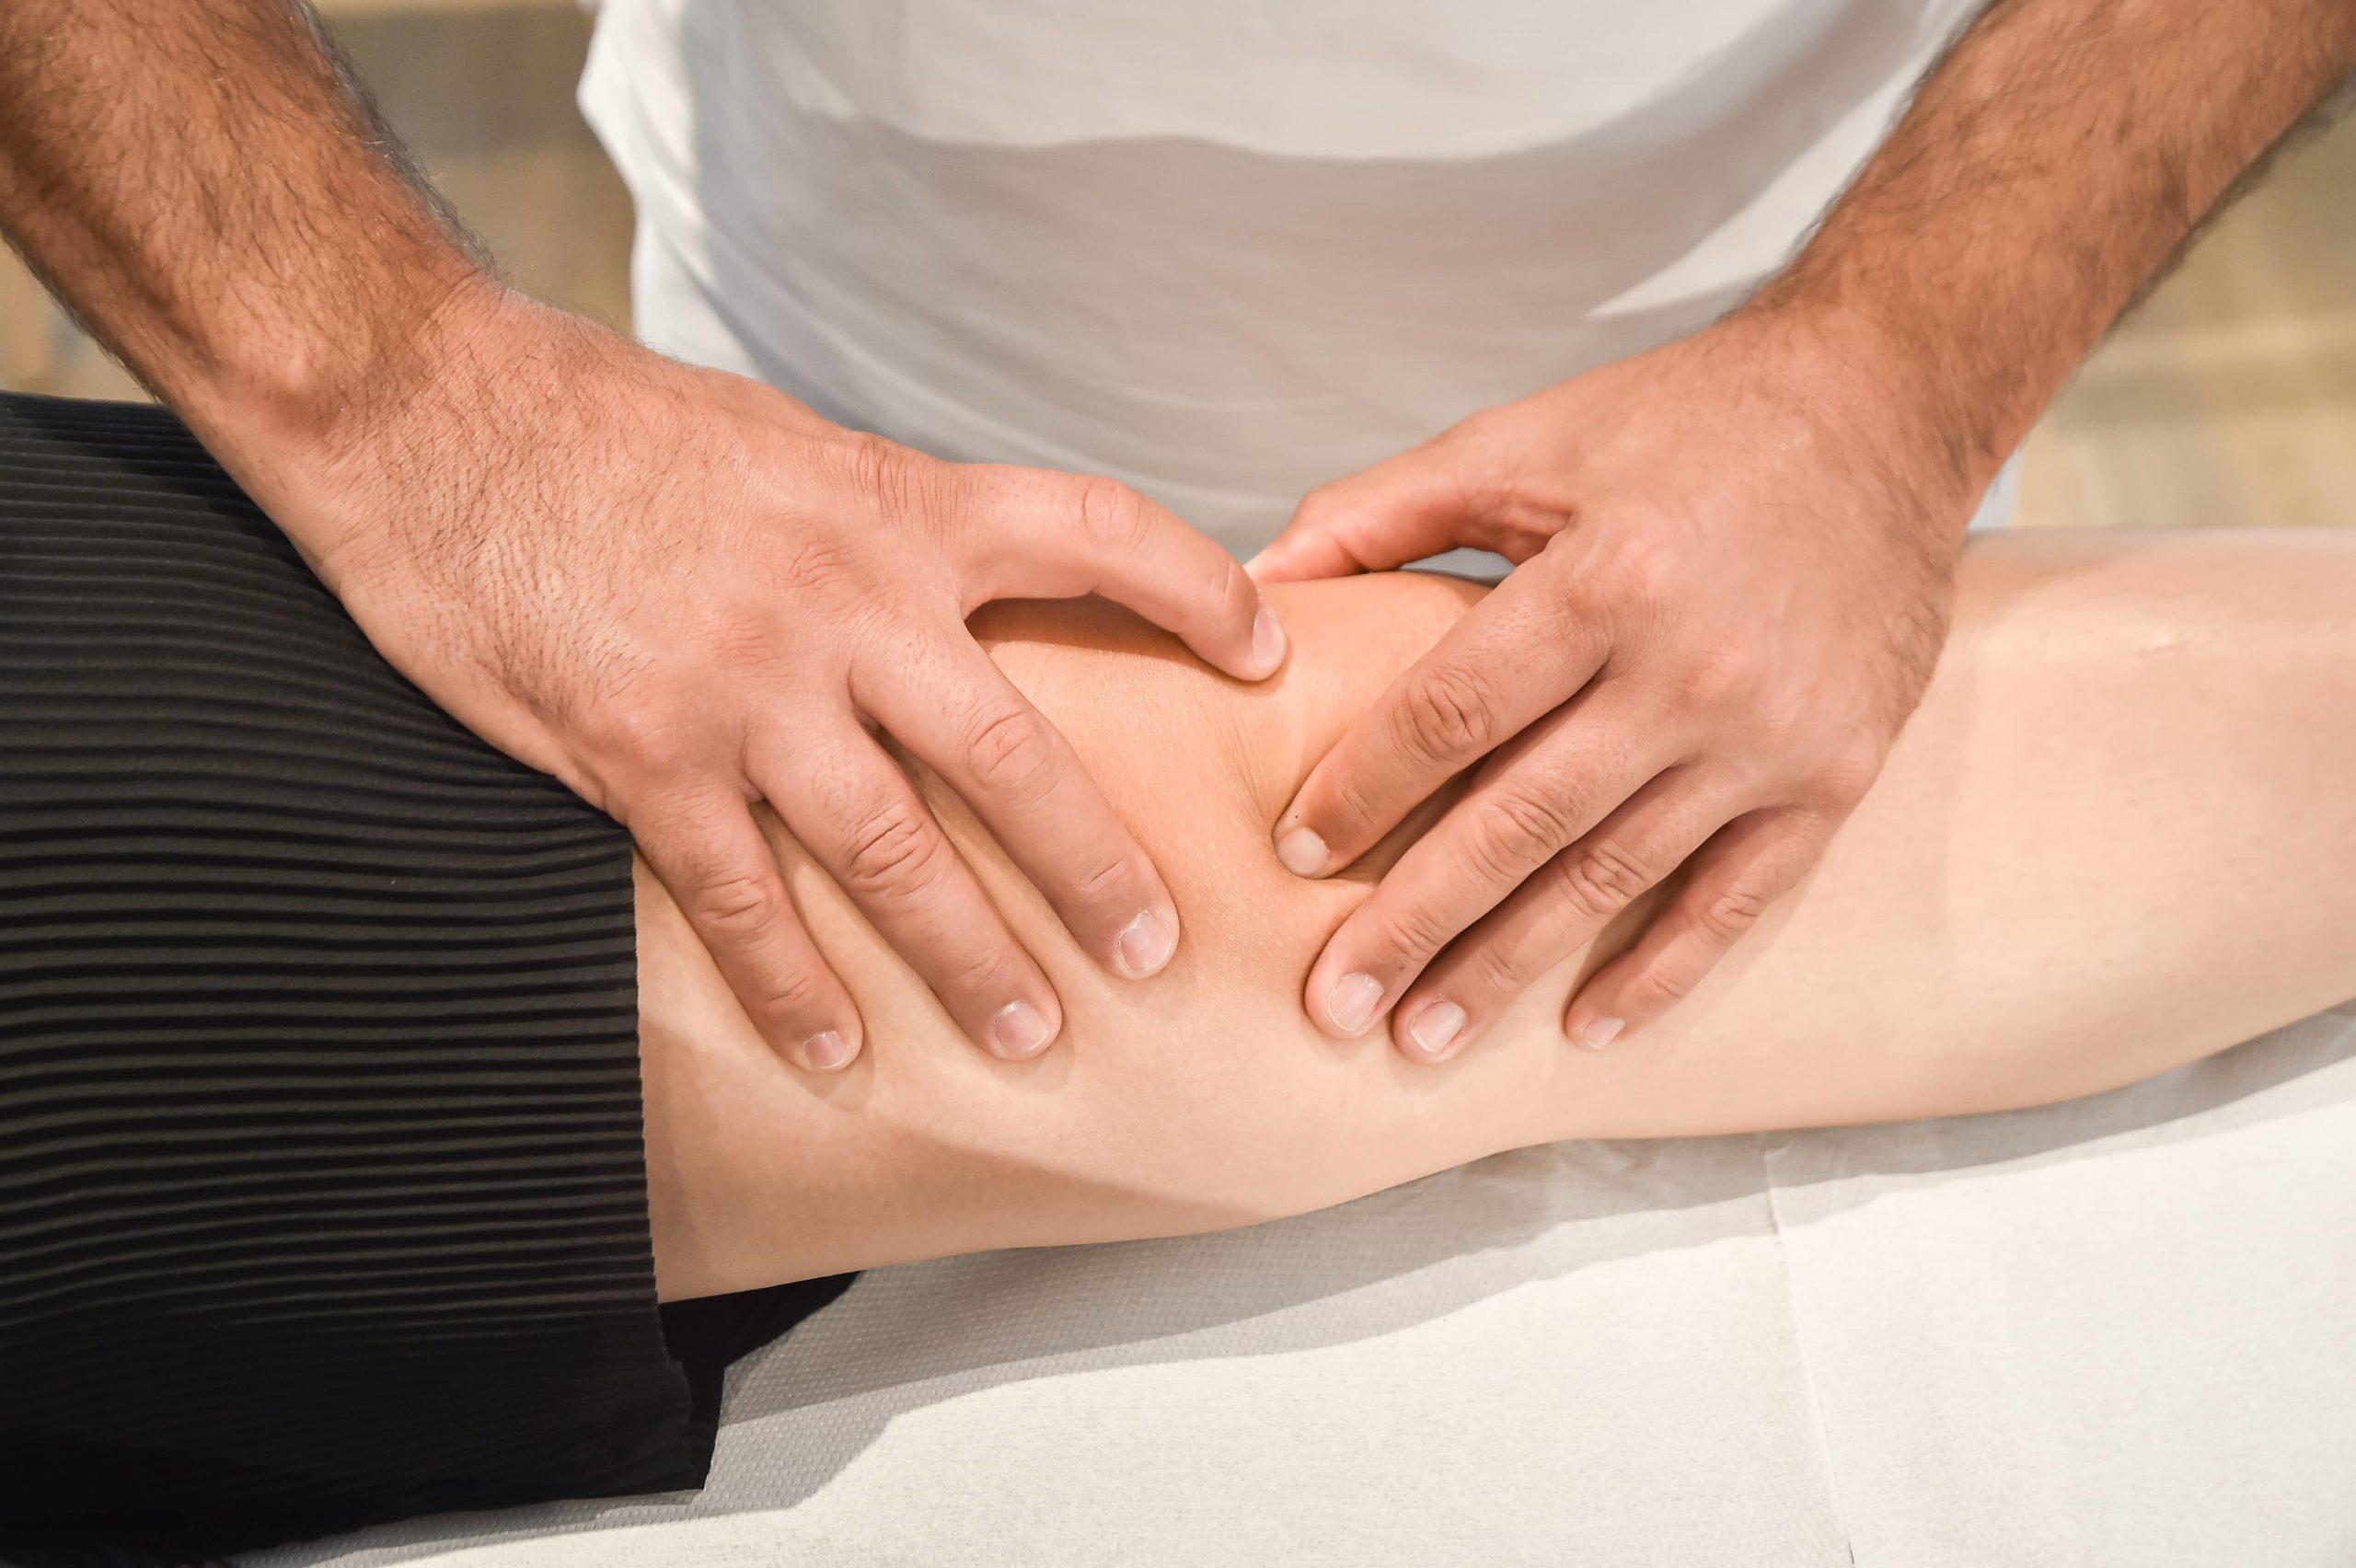 Kniegelenk Diagnose - Ihre neue Facharztpraxis für Orthopädie